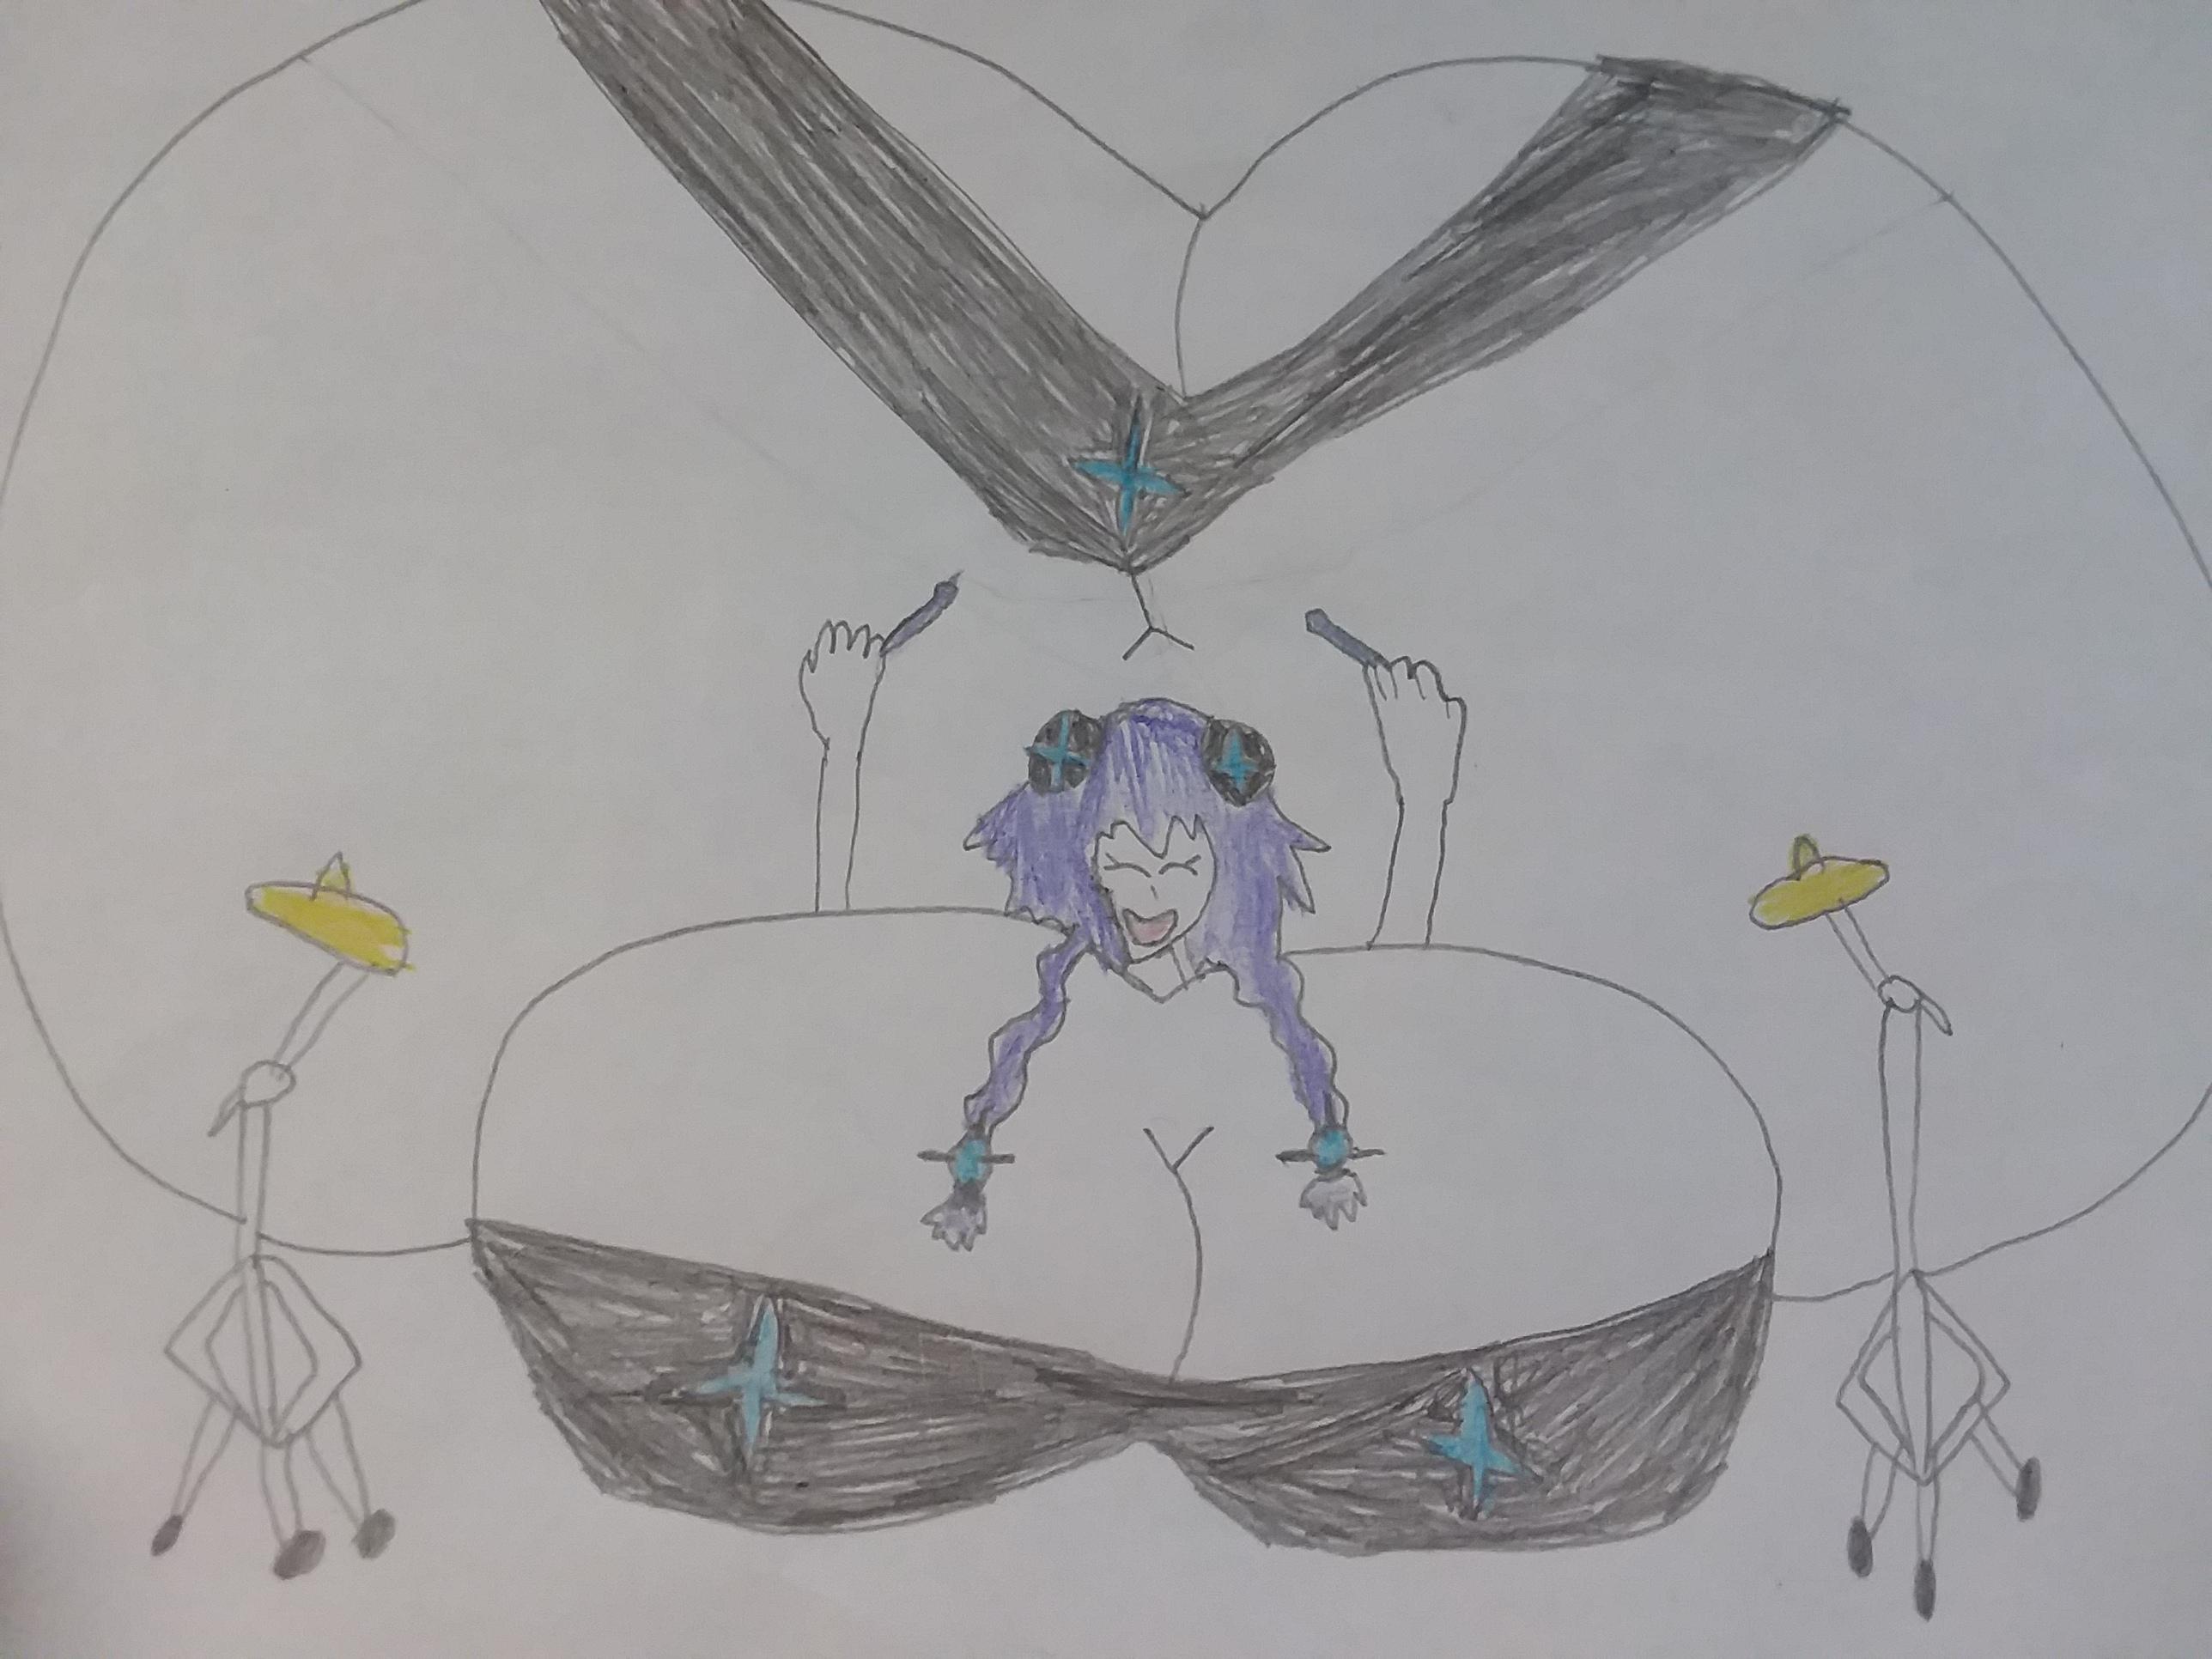 Hyperdimension Purple drummer